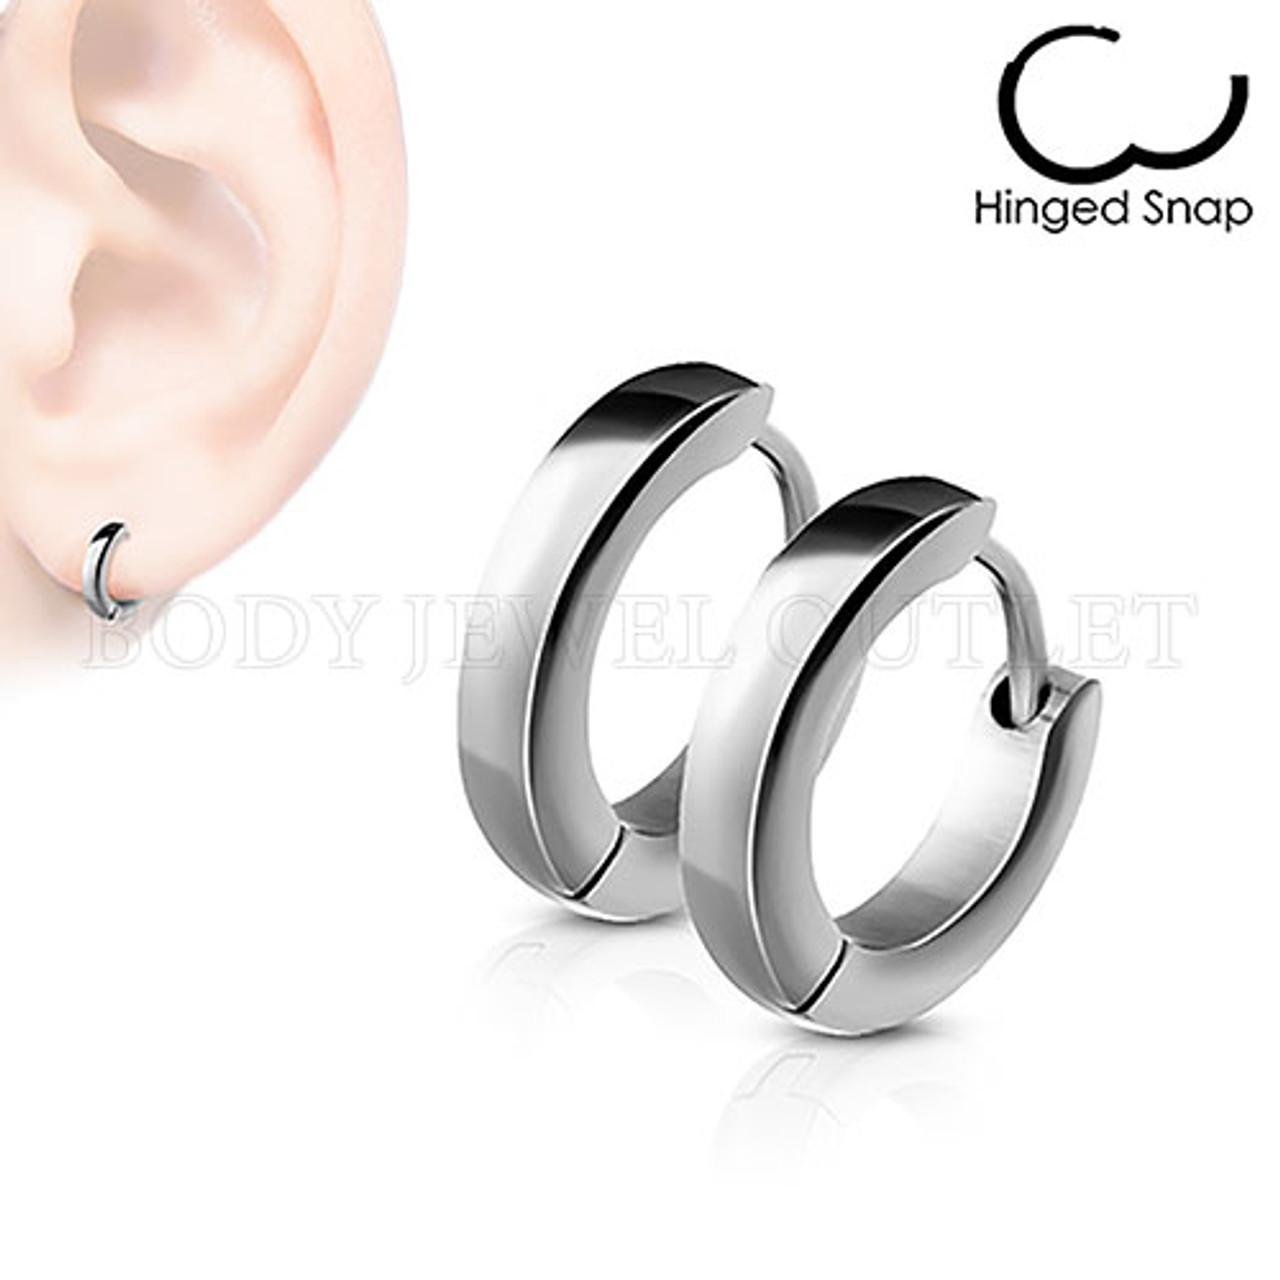 Plain Steel Thin 2.5mm Wide - 316L Stainless Steel Hoop/Huggie Earrings - Pair (2 Pieces)